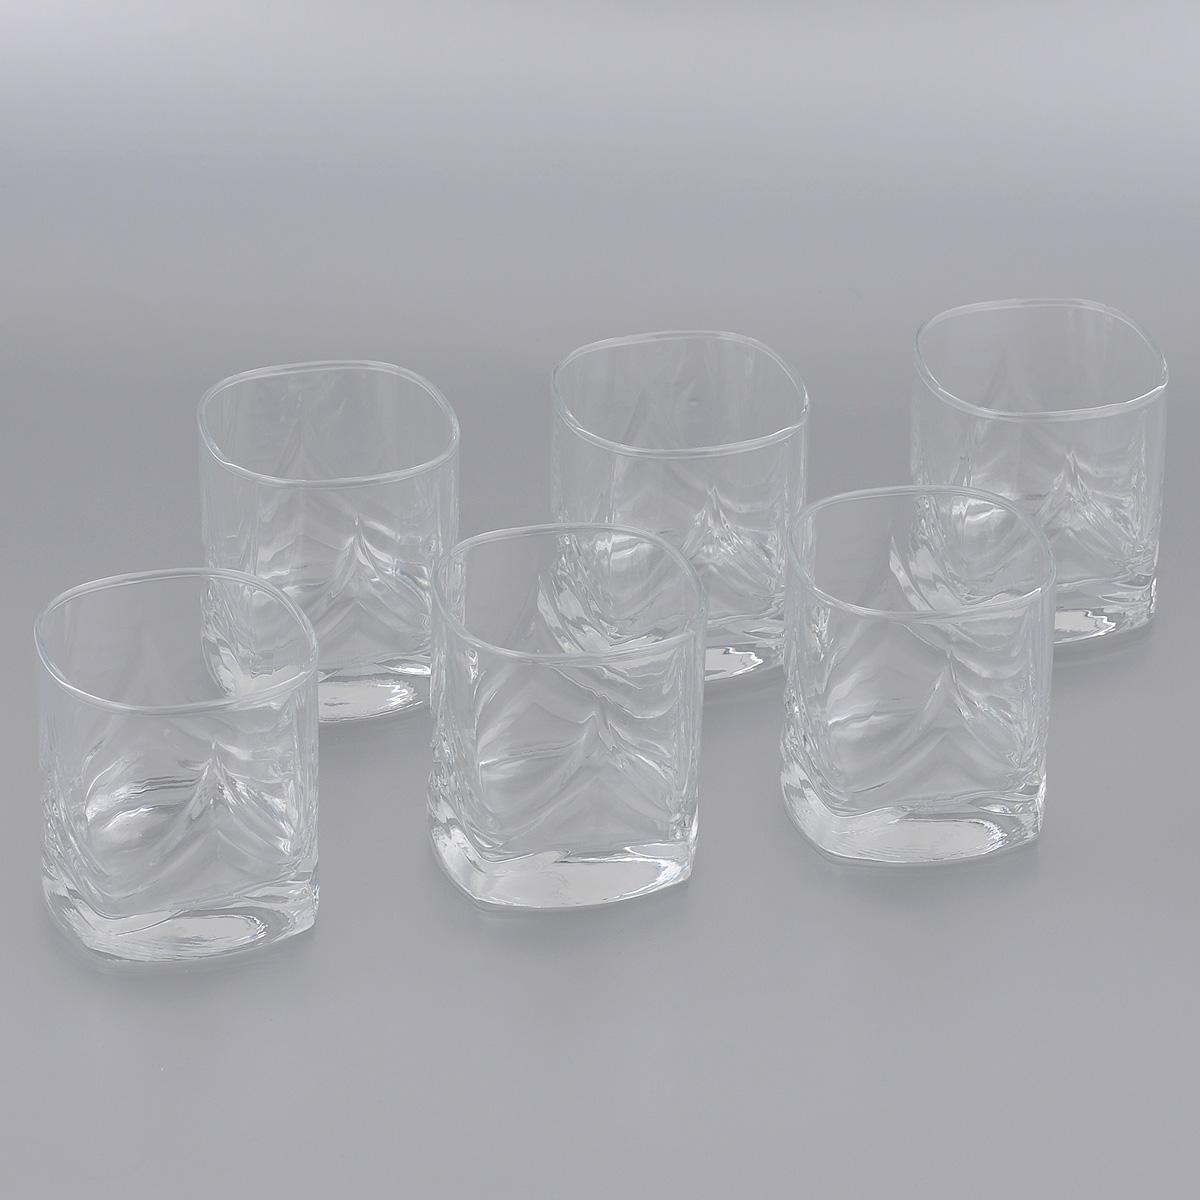 Набор стаканов Pasabahce Triumph, 200 мл, 6 штVT-1520(SR)Набор Pasabahce Triumph, выполненный из высококачественного стекла, состоит из шести стаканов квадратной формы. Изделия, украшенные рельефным узором, прекрасно подойдут для подачи виски. Эстетичность, функциональность и изящный дизайн сделают набор достойным дополнением к вашему кухонному инвентарю. Набор стаканов Pasabahce Triumph украсит ваш стол и станет отличным подарком к любому празднику. Можно использовать в морозильной камере и микроволновой печи. Можно мыть в посудомоечной машине.Размер стакана по верхнему краю: 6,5 см х 6,5 см. Высота стакана: 7,5 см.